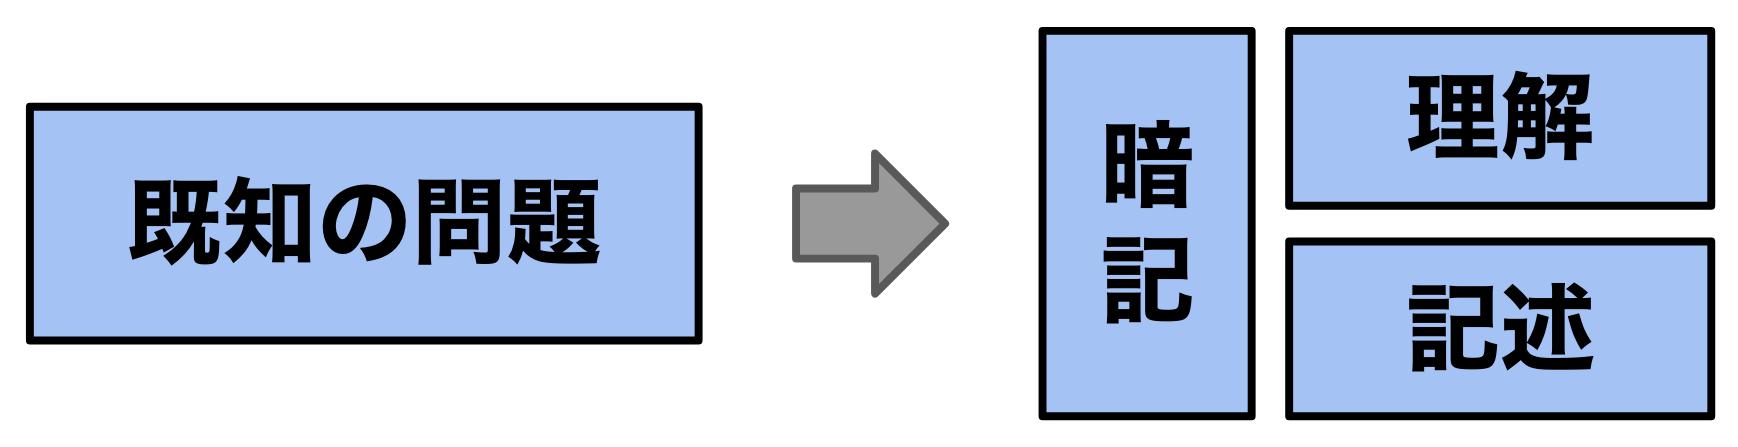 既知の問題を分解した図